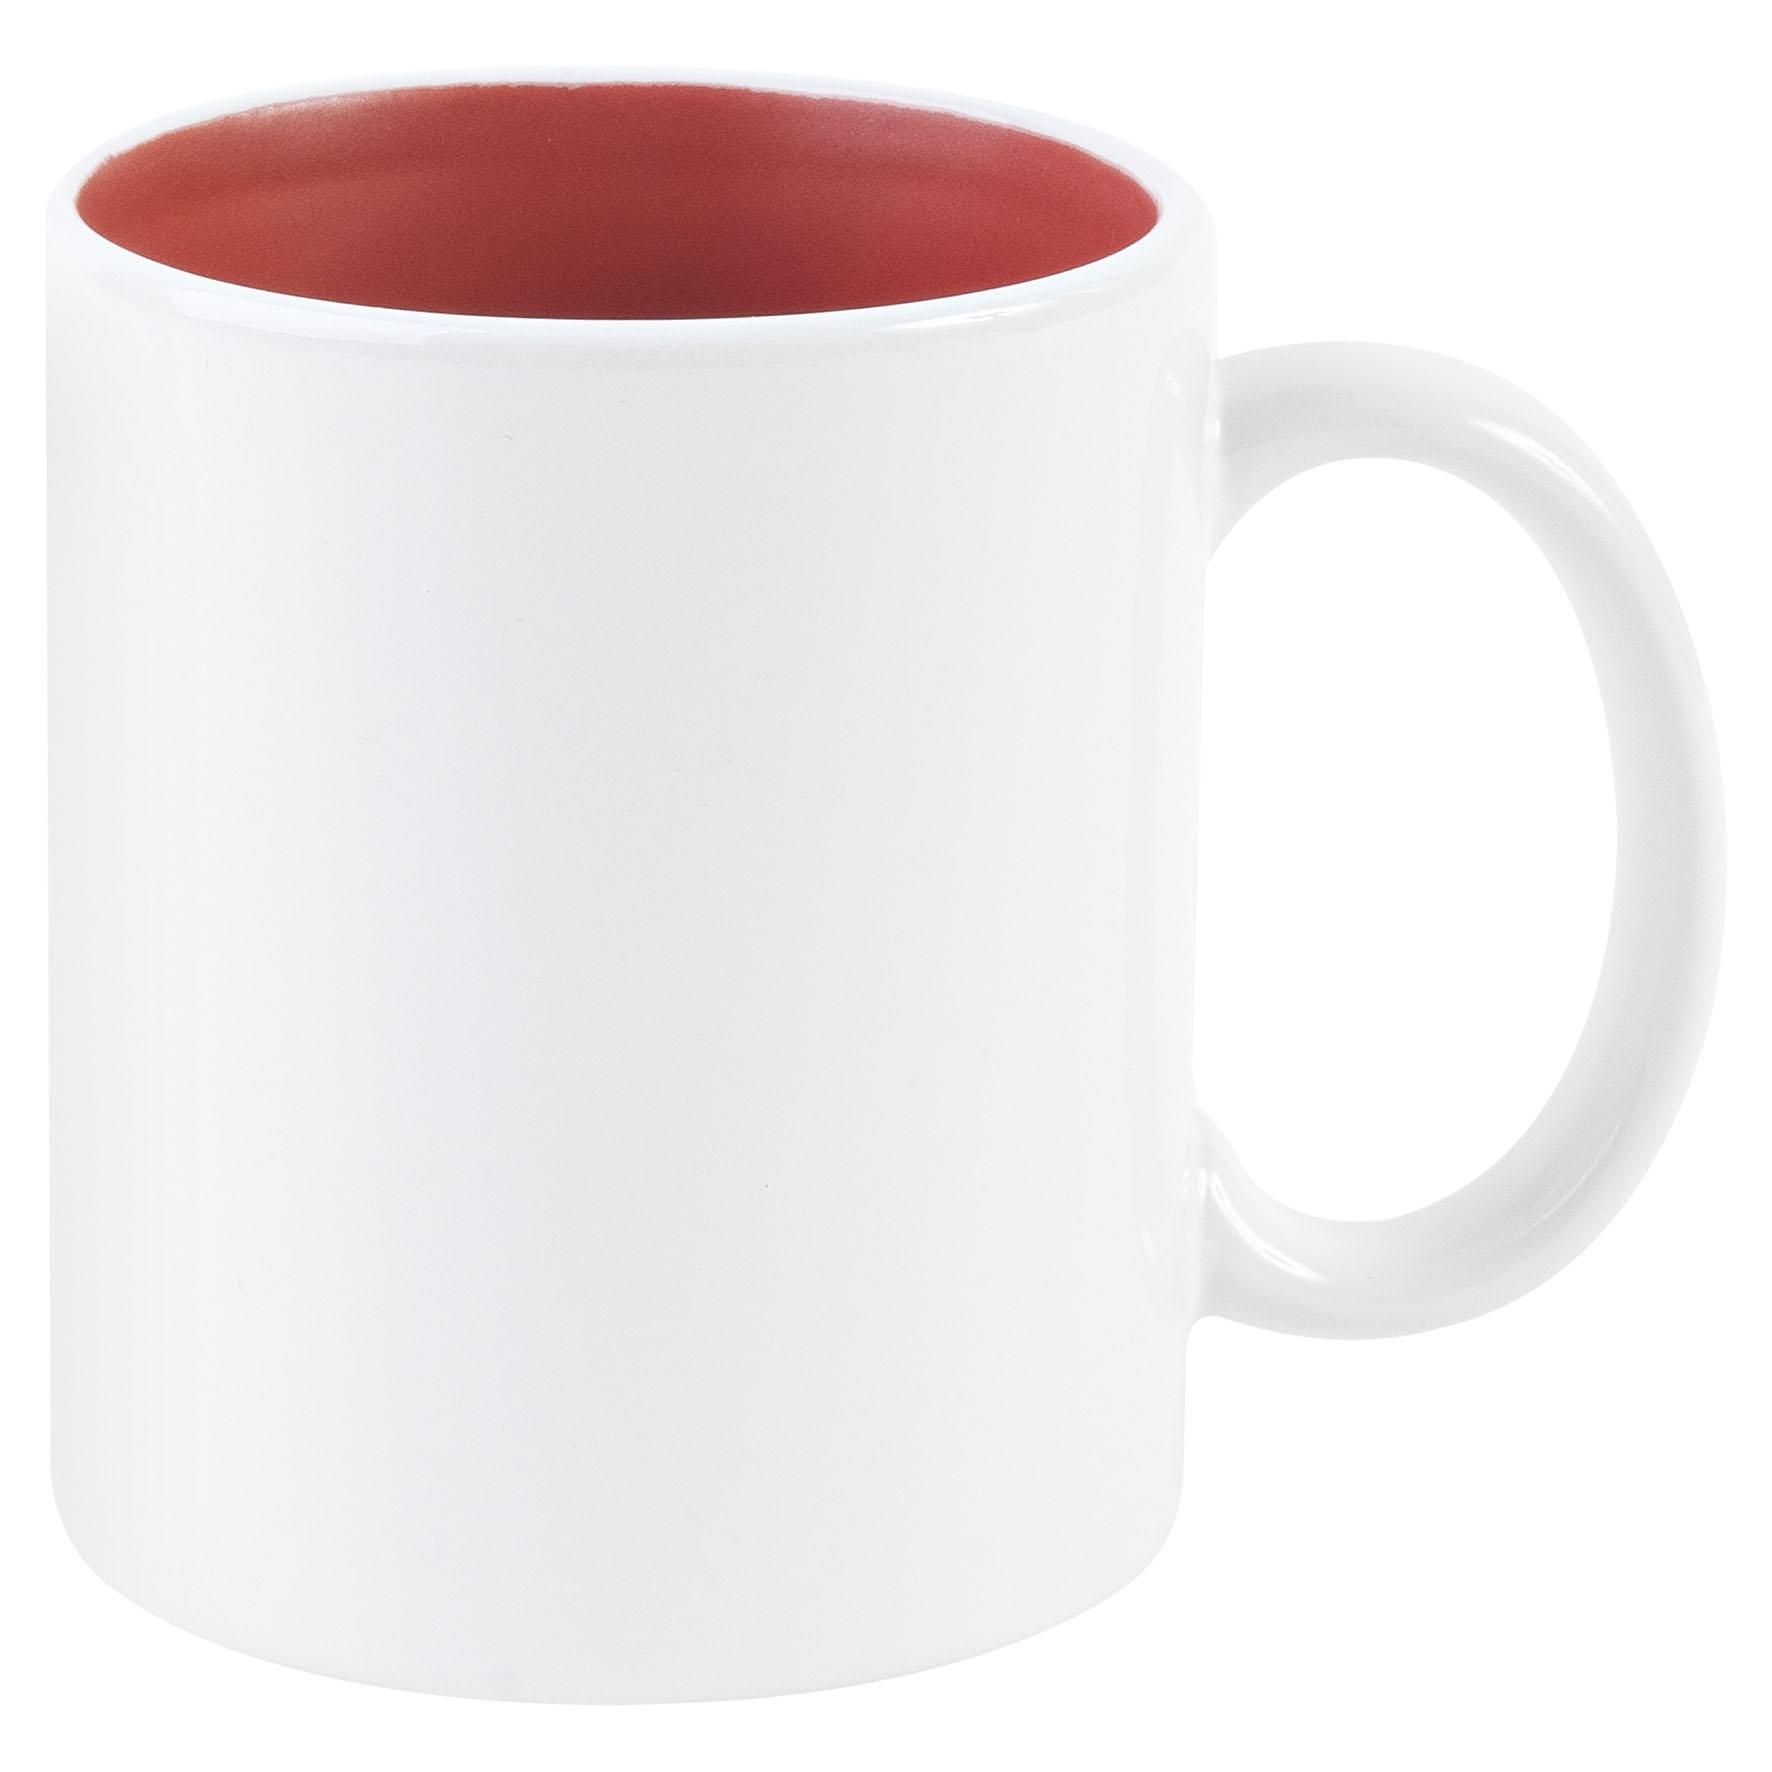 Cadeau publicitiare - Mug publicitaire Bicolore pour sublimation 31 cl